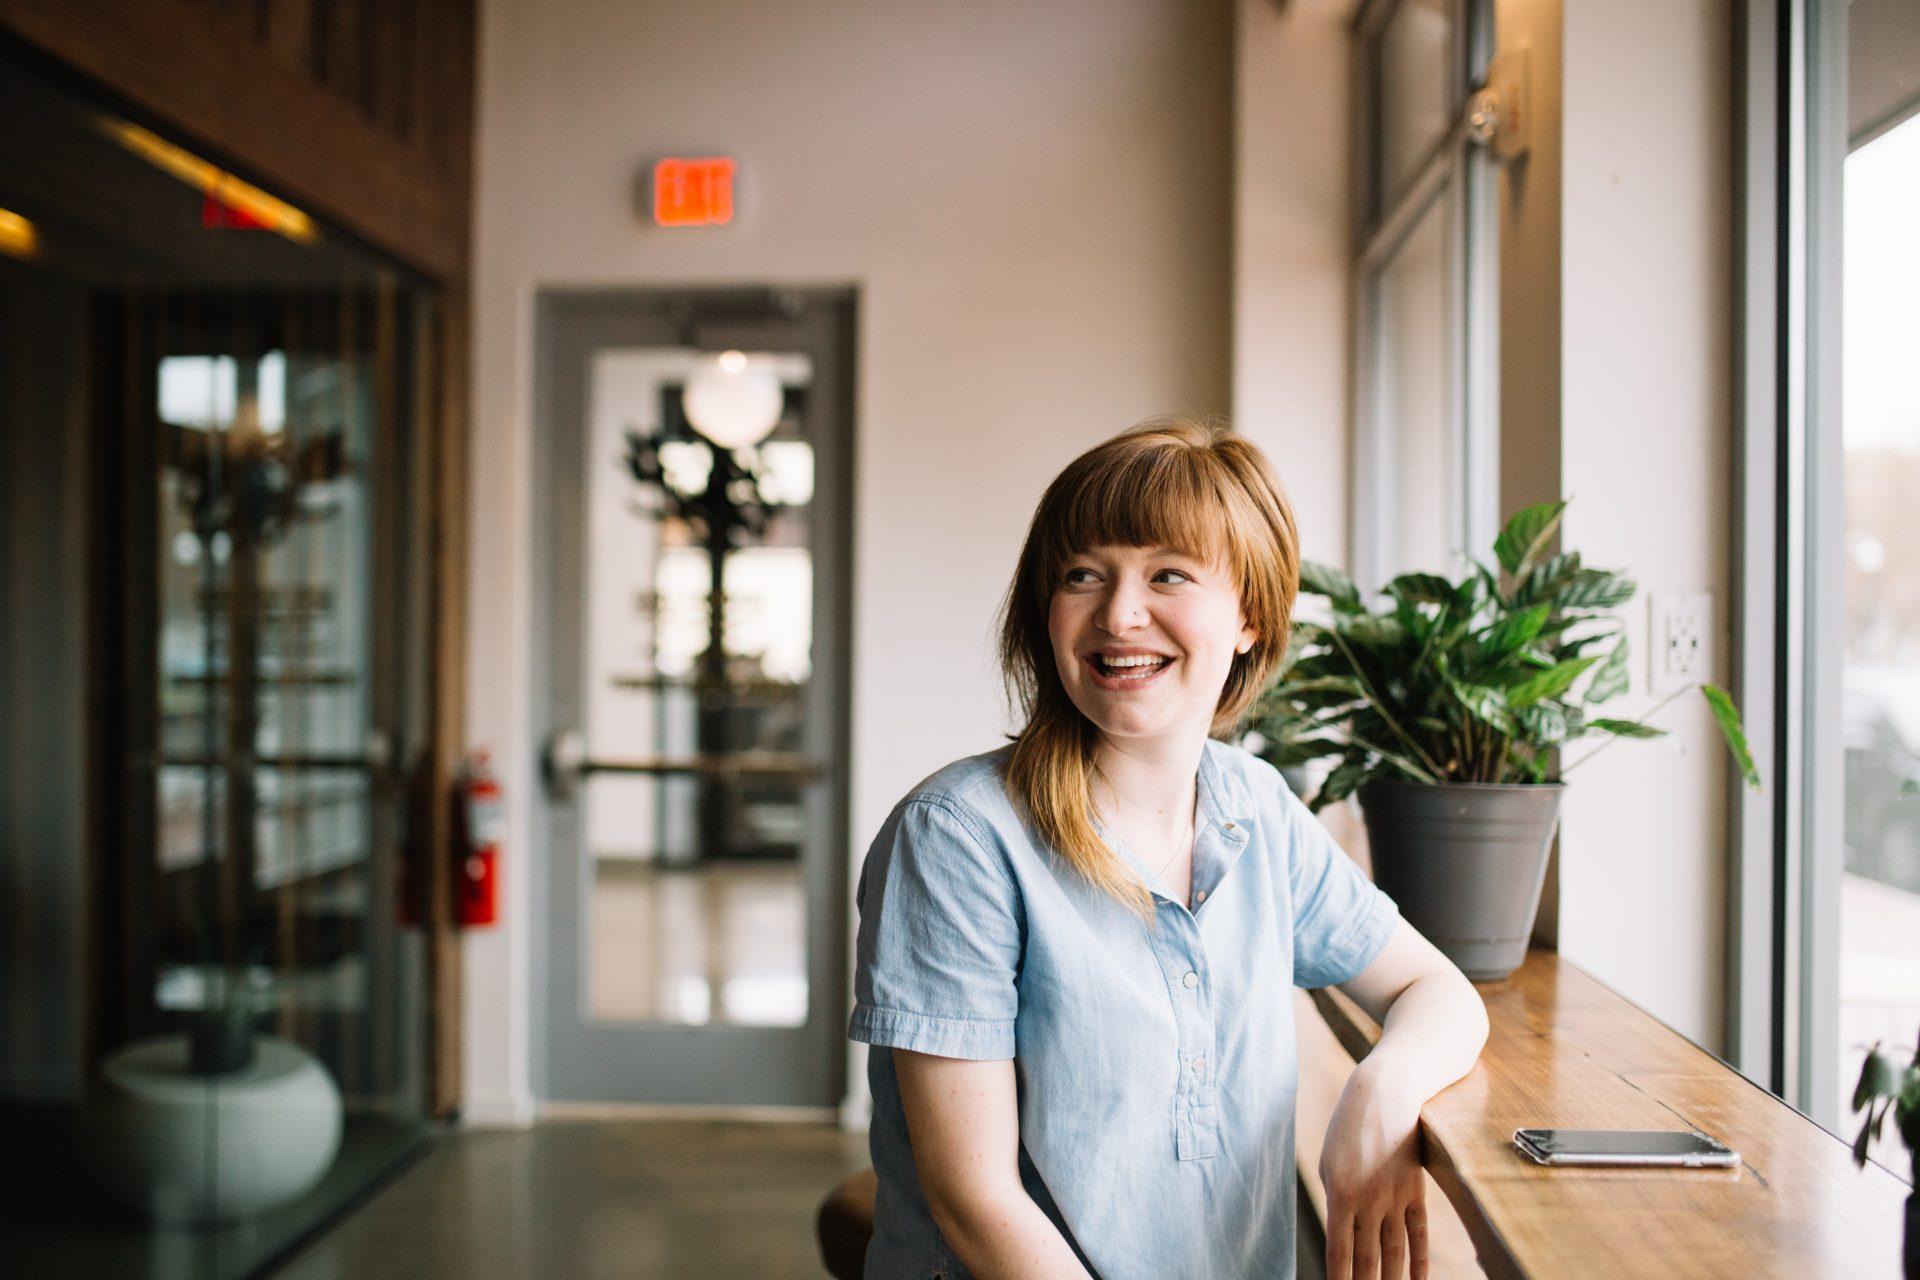 Nainen istuu kahvilassa ikkunan edessä olevassa baaripöydässä ja katsoo hymyillen sivulle.